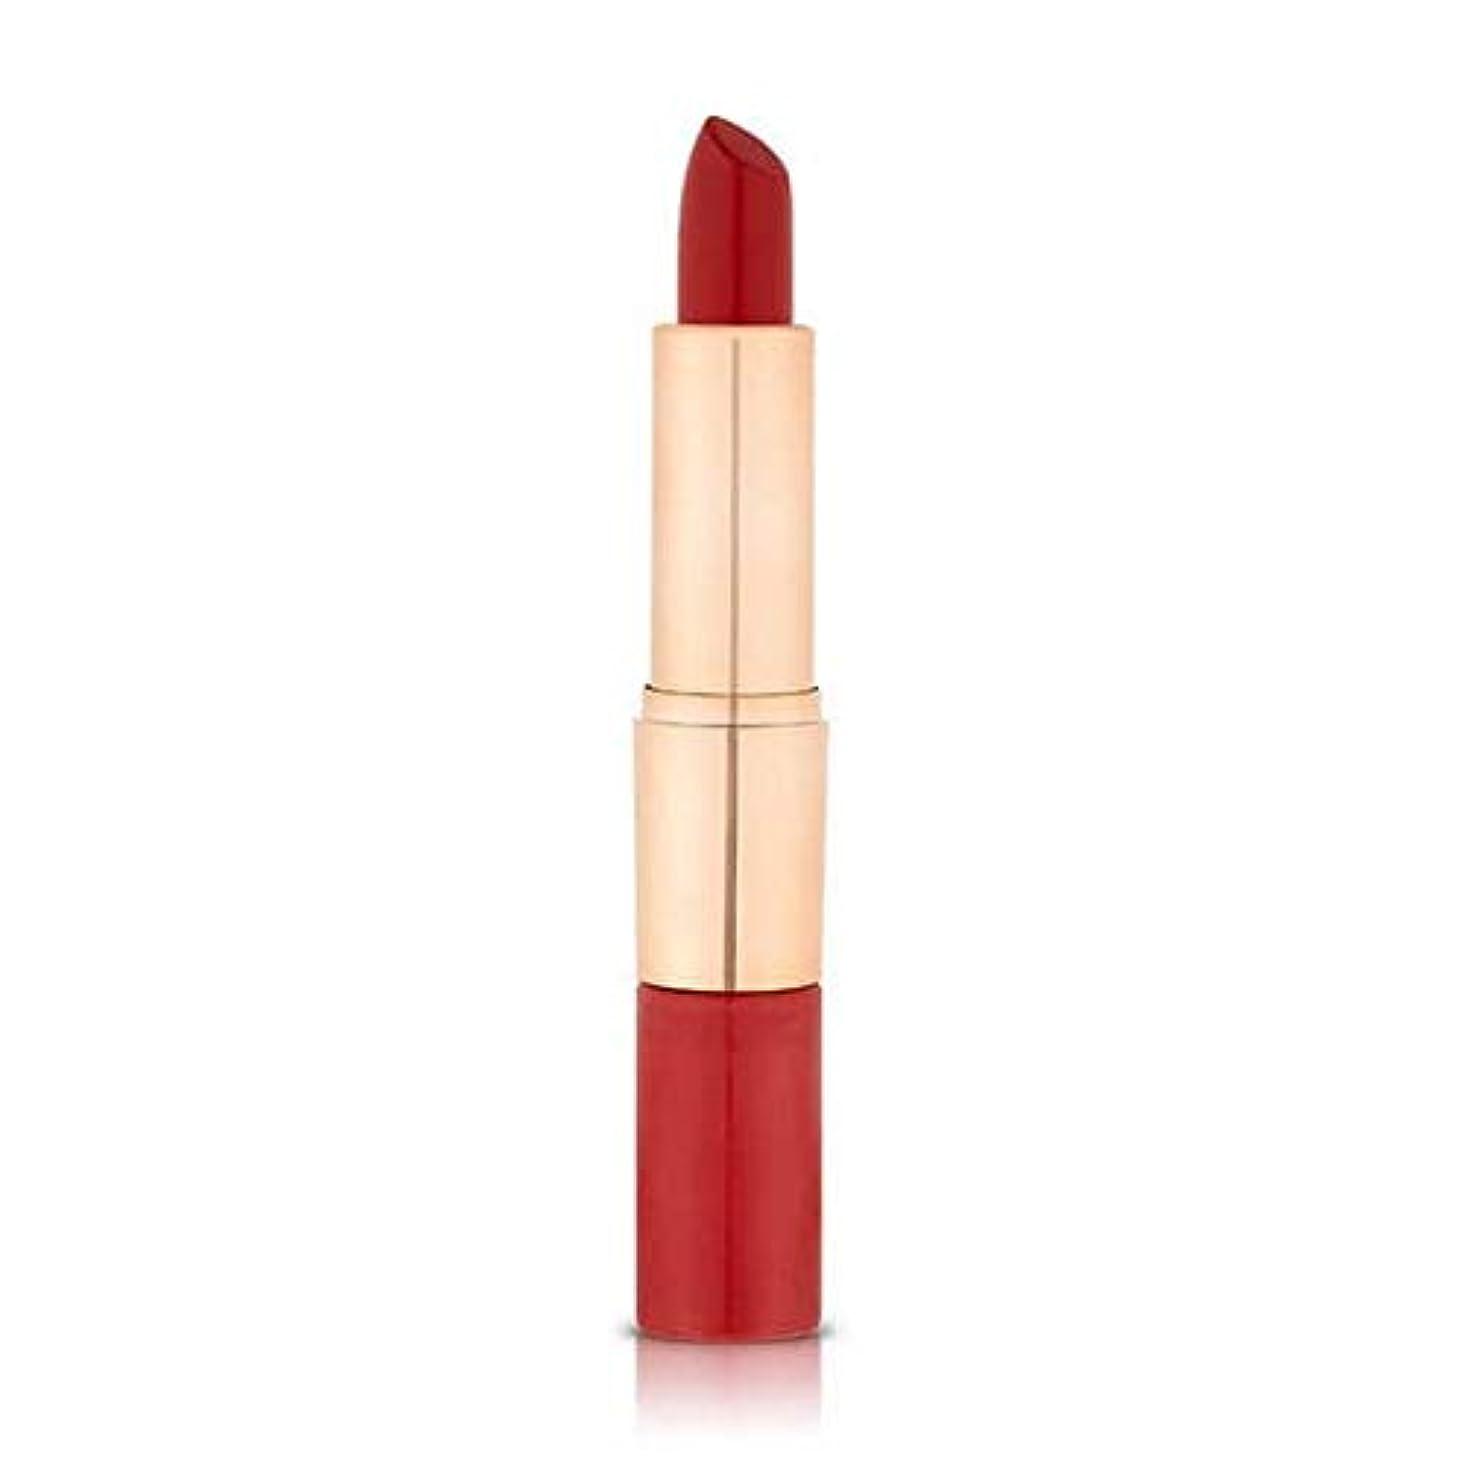 のぞき見交換可能十[Flower Beauty ] 花の美しさのミックスN」はマットリップスティックデュオ赤いベルベット690 - Flower Beauty Mix N' Matte Lipstick Duo Red Velvet 690...